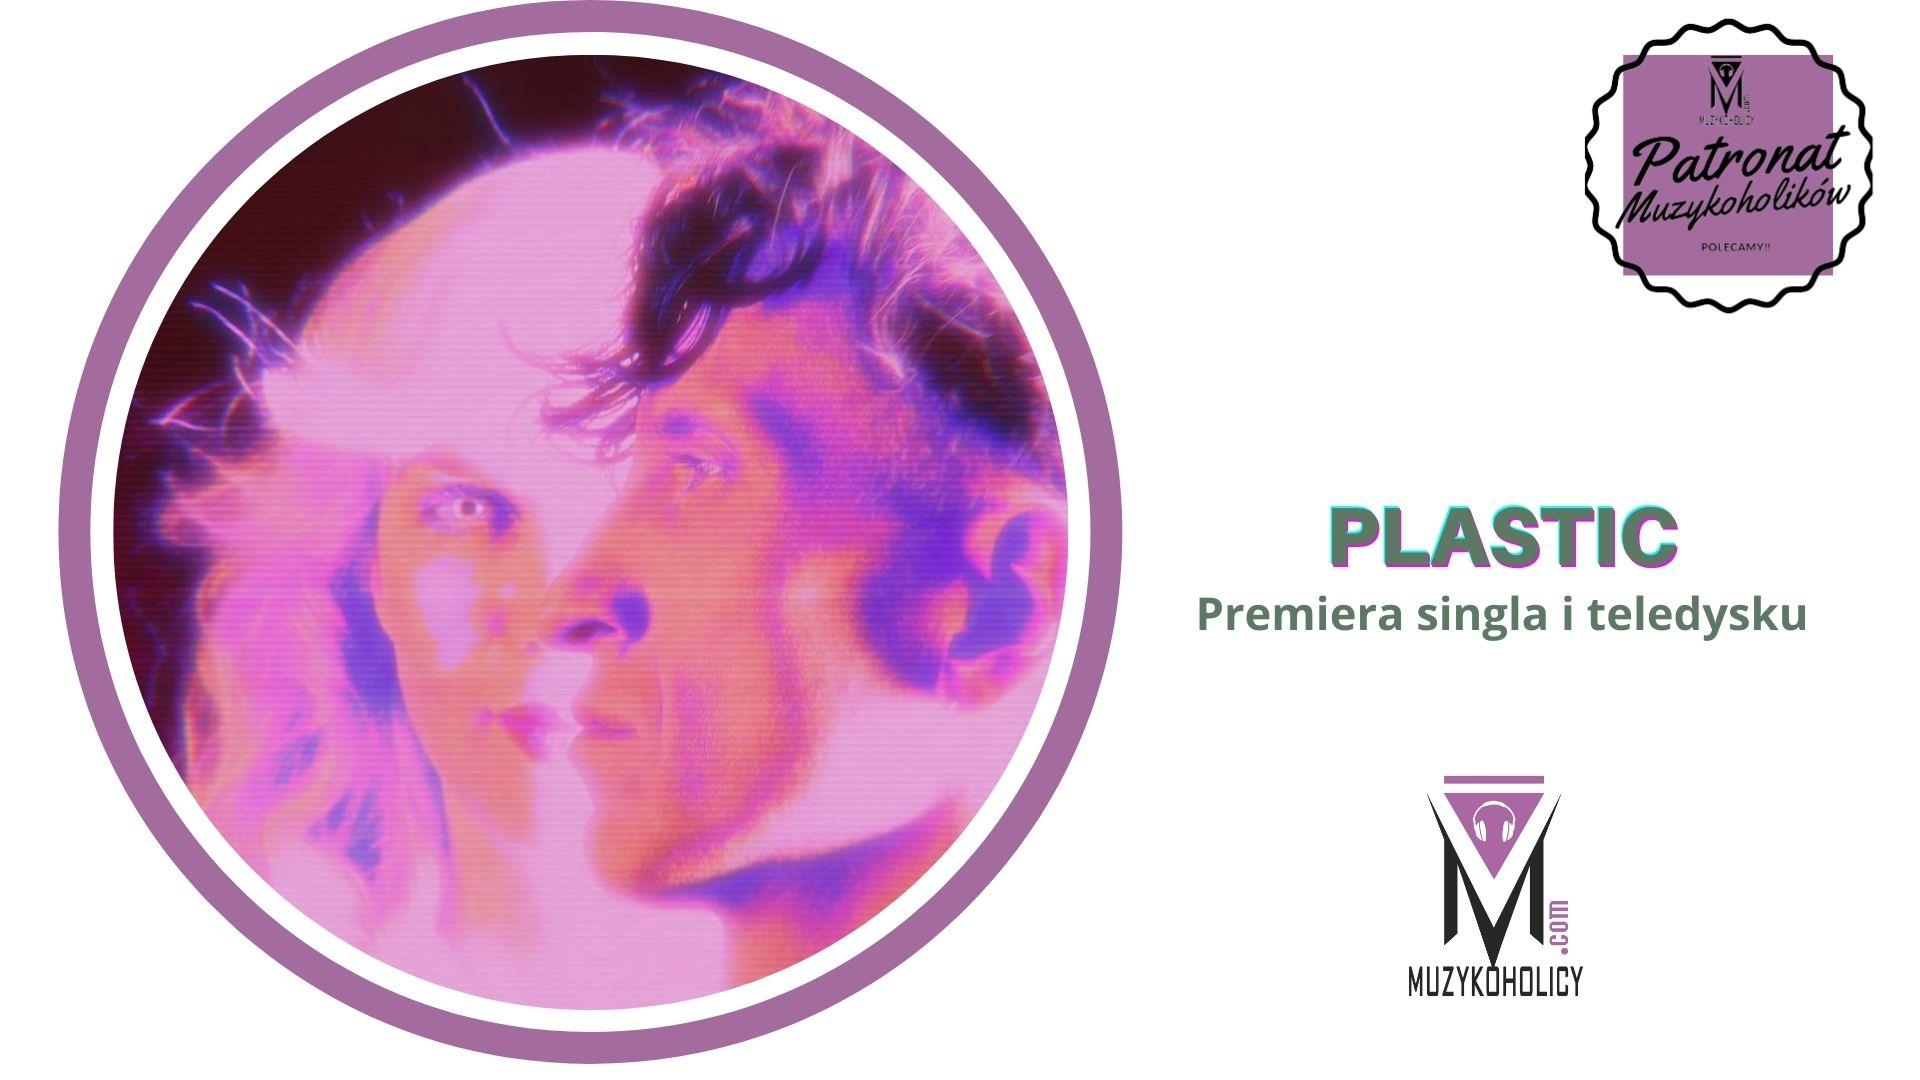 PLASTIC wydaje singiel tuż przed premierą nowego albumu